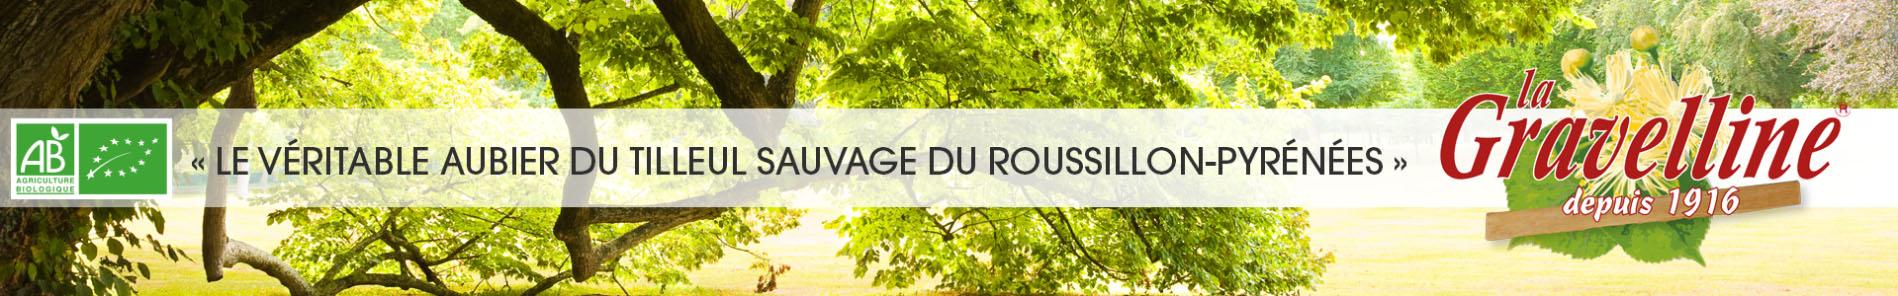 Découvrez le véritable aubier de Tilleul du Roussillon la Gravelline, disponible à l'herboristerie Louis